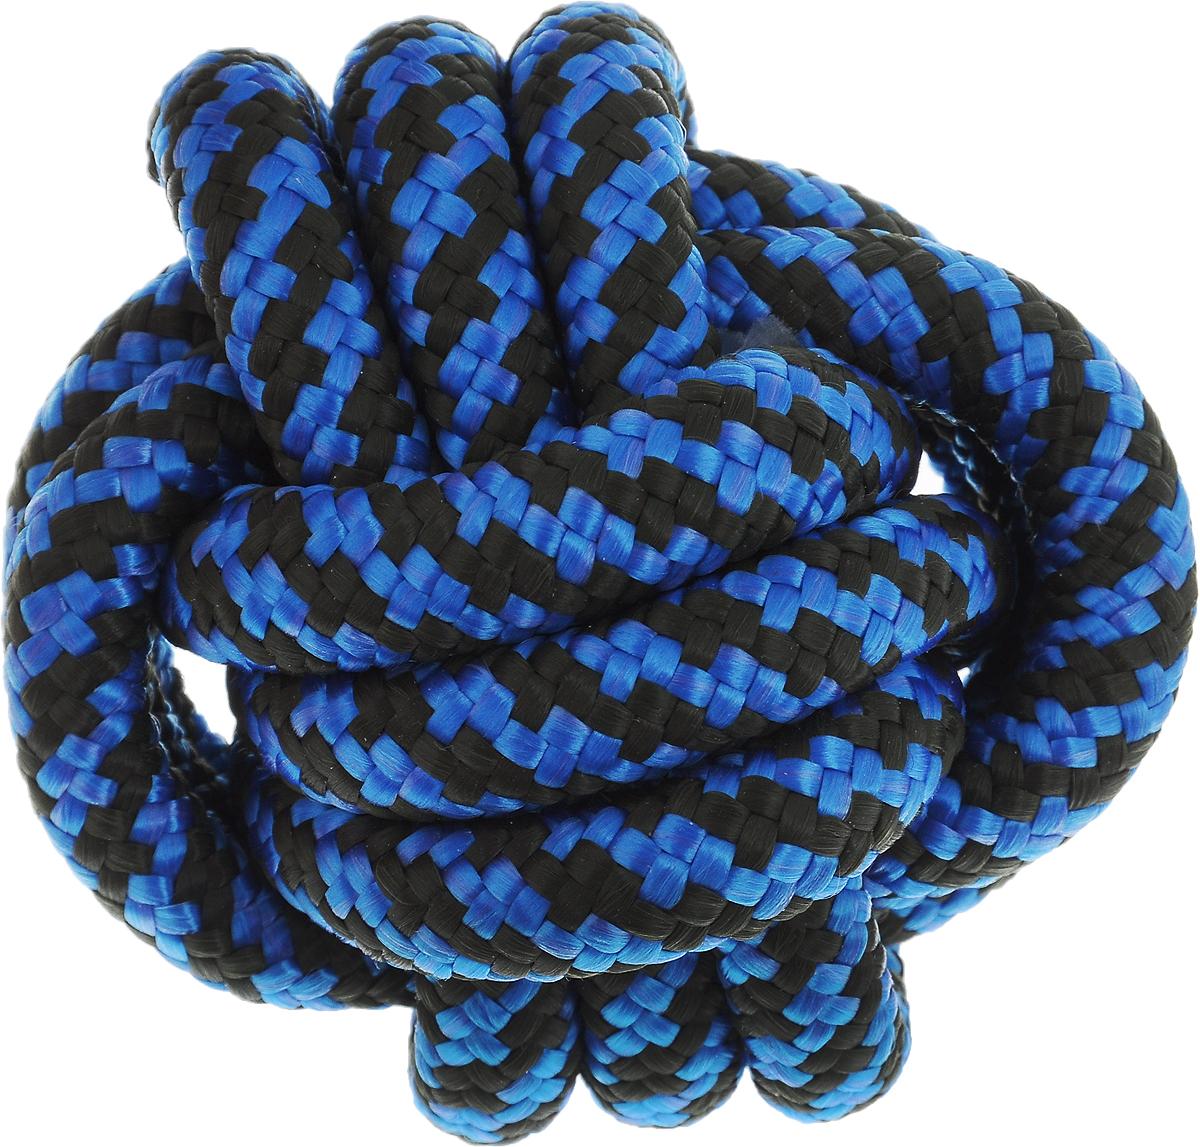 Игрушка для собак Zoobaloo Кулак обезьяны, цвет: синий, серый, диаметр 10 см0120710Игрушка для собак Zoobaloo Кулак обезьяны изготовлена из экологически чистых материалов. Изделие очень твердое и прочное и может выдержать много часов игры. Это идеальная игрушка для бросков. Она обязательно понравится тем собакам, которые любят носить игрушки в зубах, и станет отличной заменой косточке.Диаметр игрушки: 10 см.